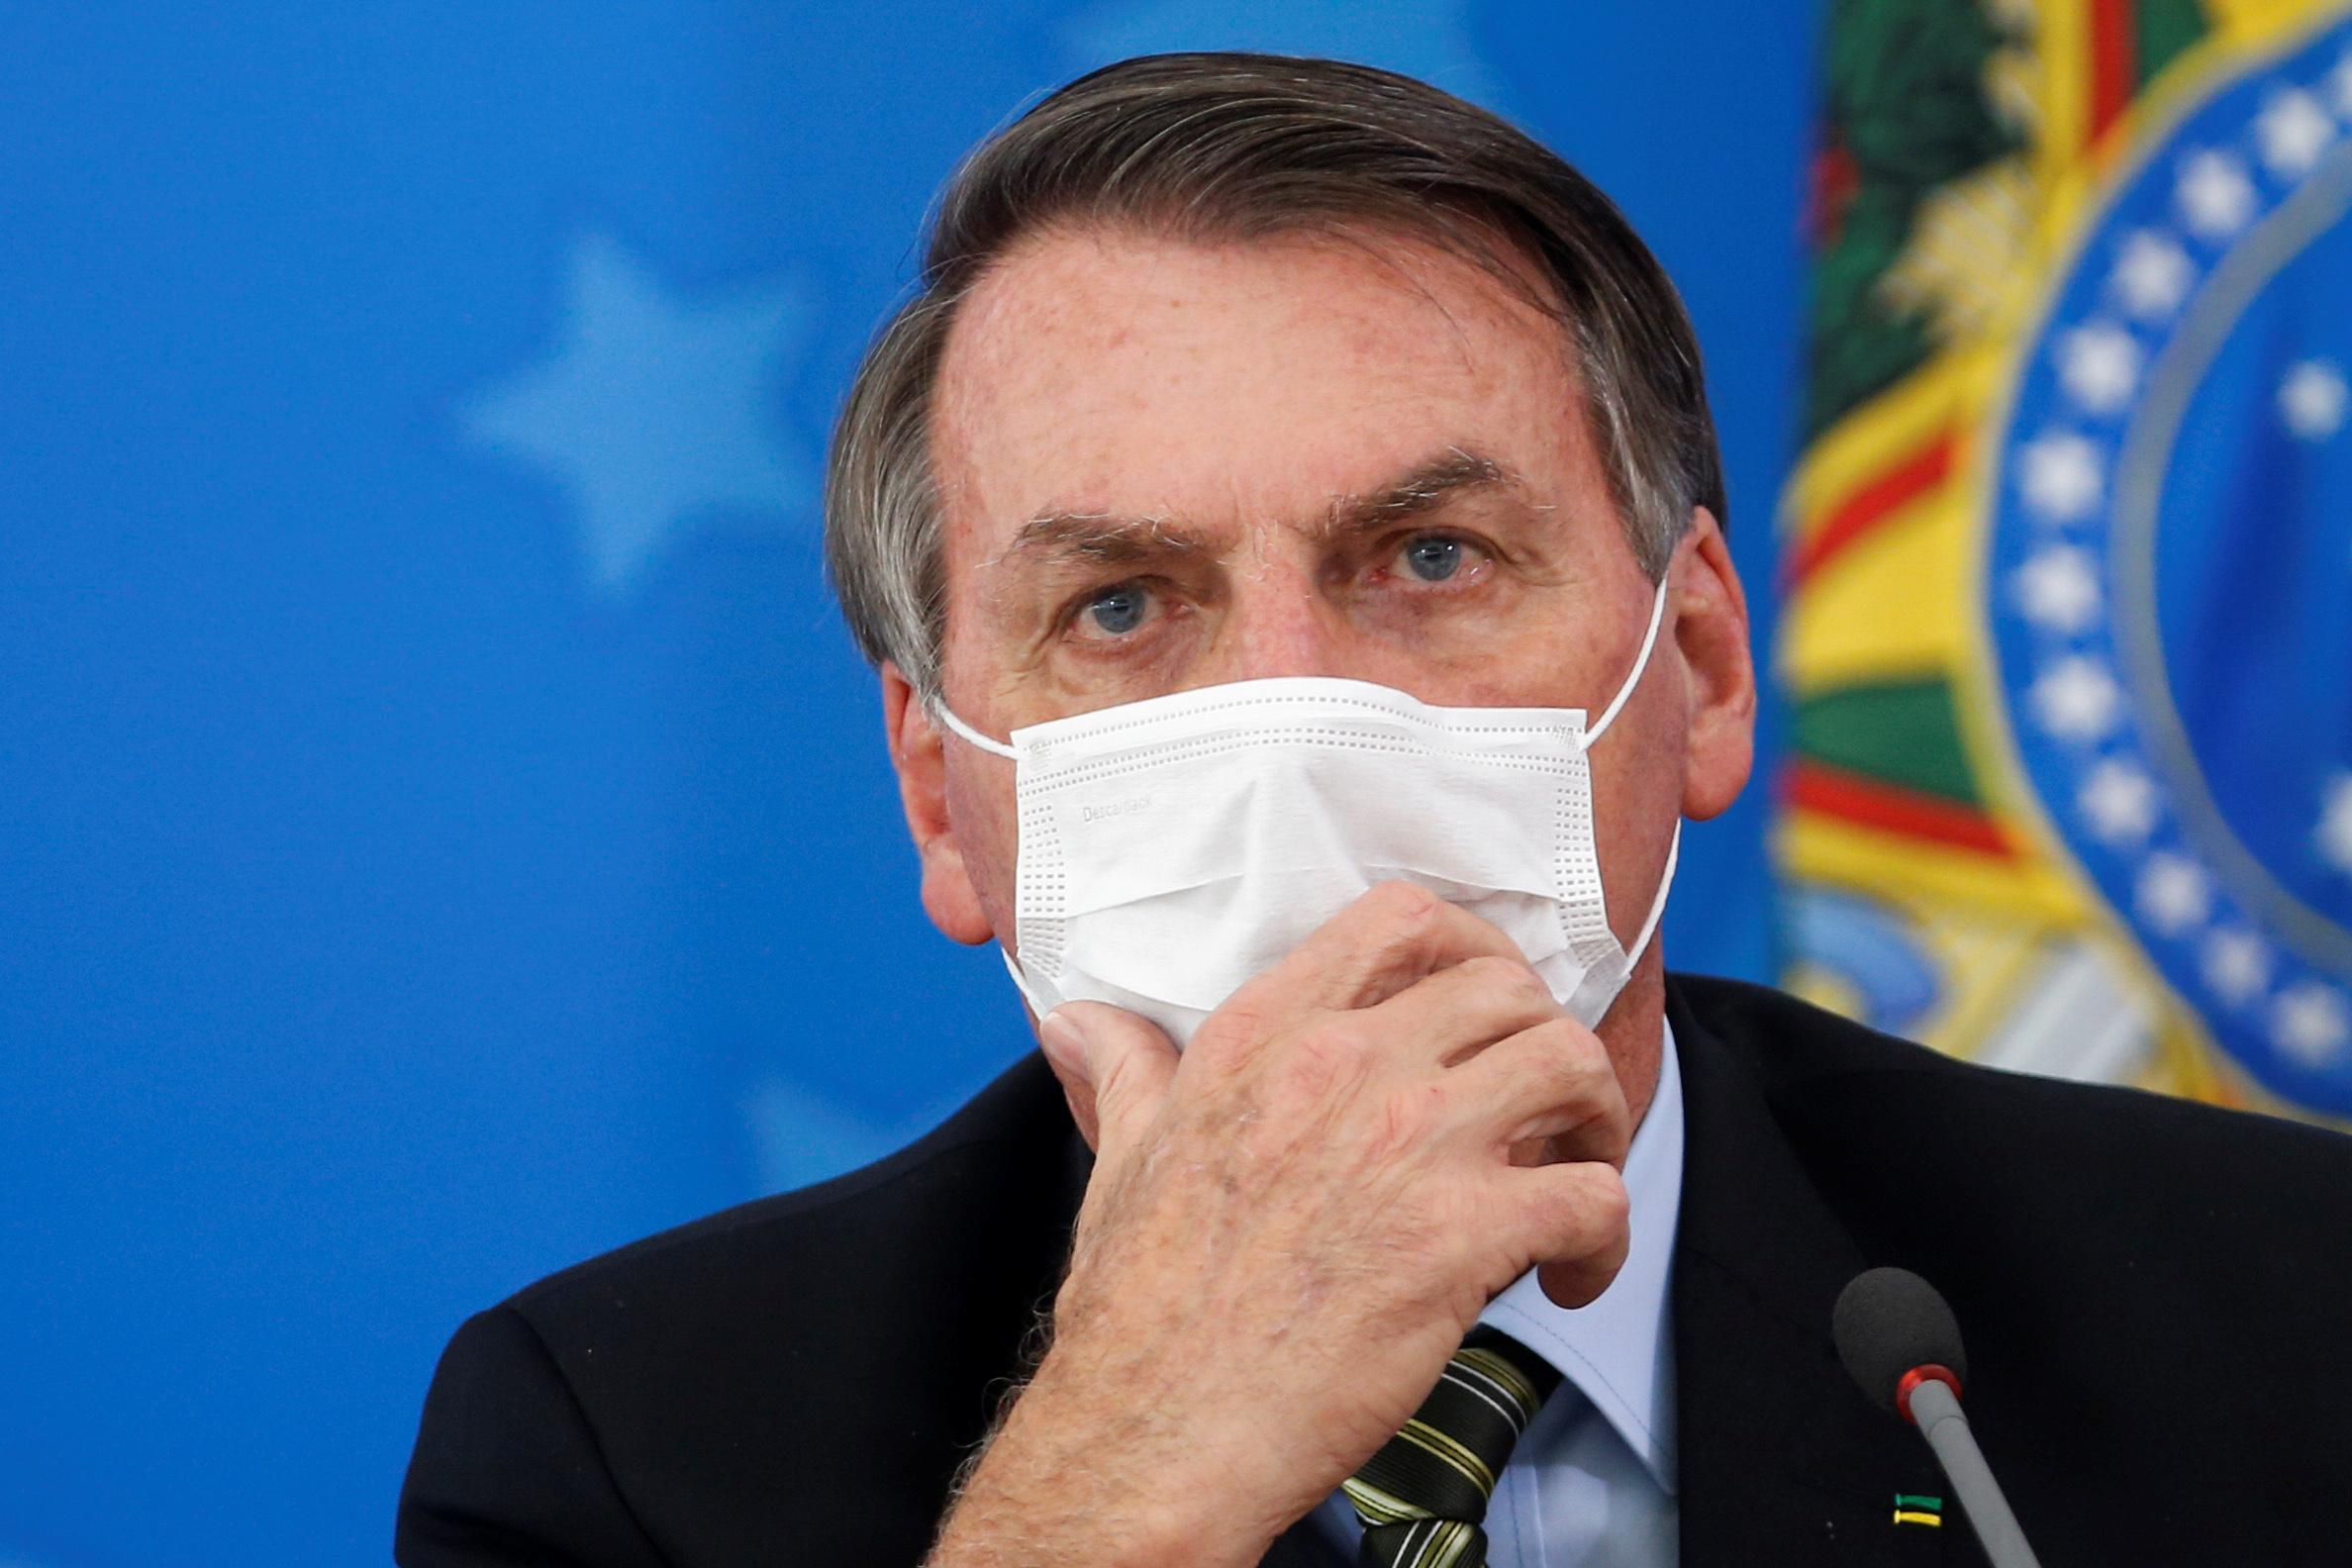 segurança de Bolsonaro coronavírus